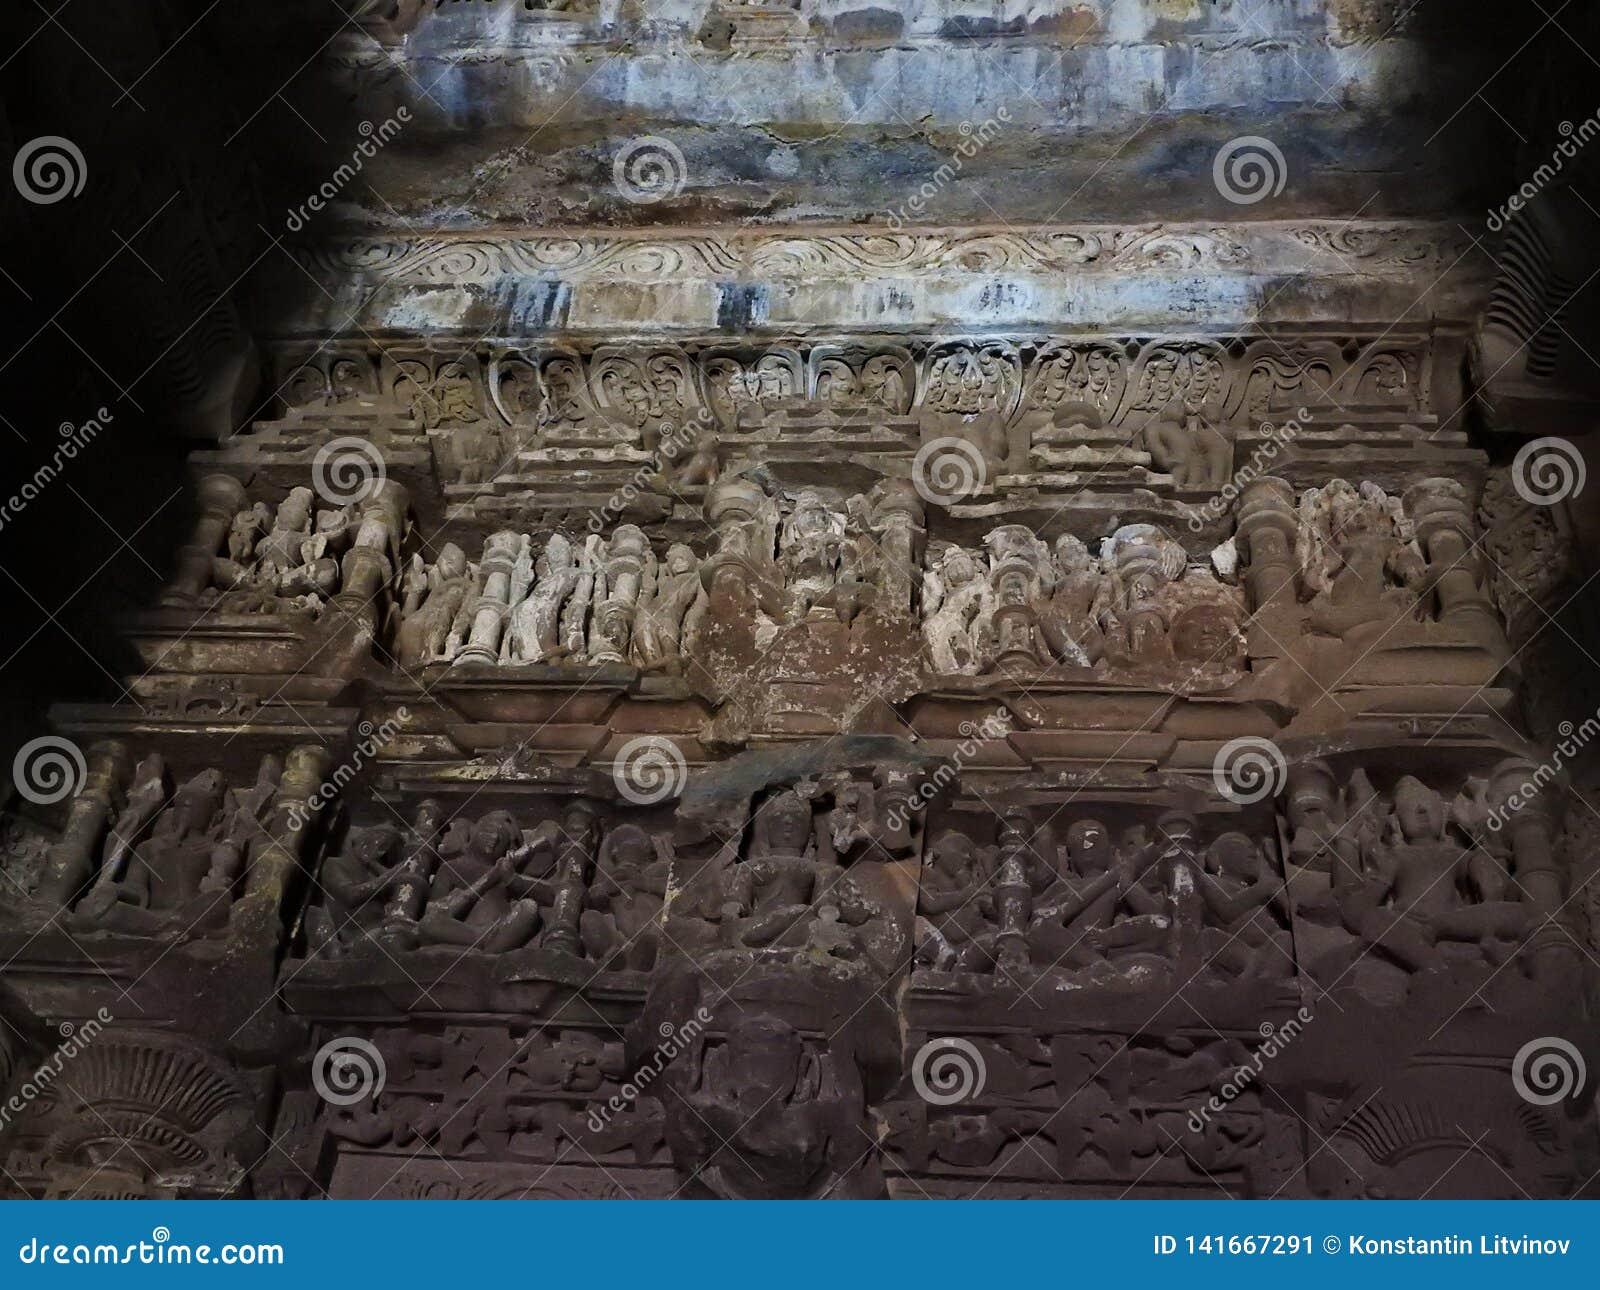 Die Freskos sind innerhalb der Tempel der Westgruppe einschließlich Visvanatha-Khajuraho, Madhya Pradesh, Indien, UNESCO erotisch